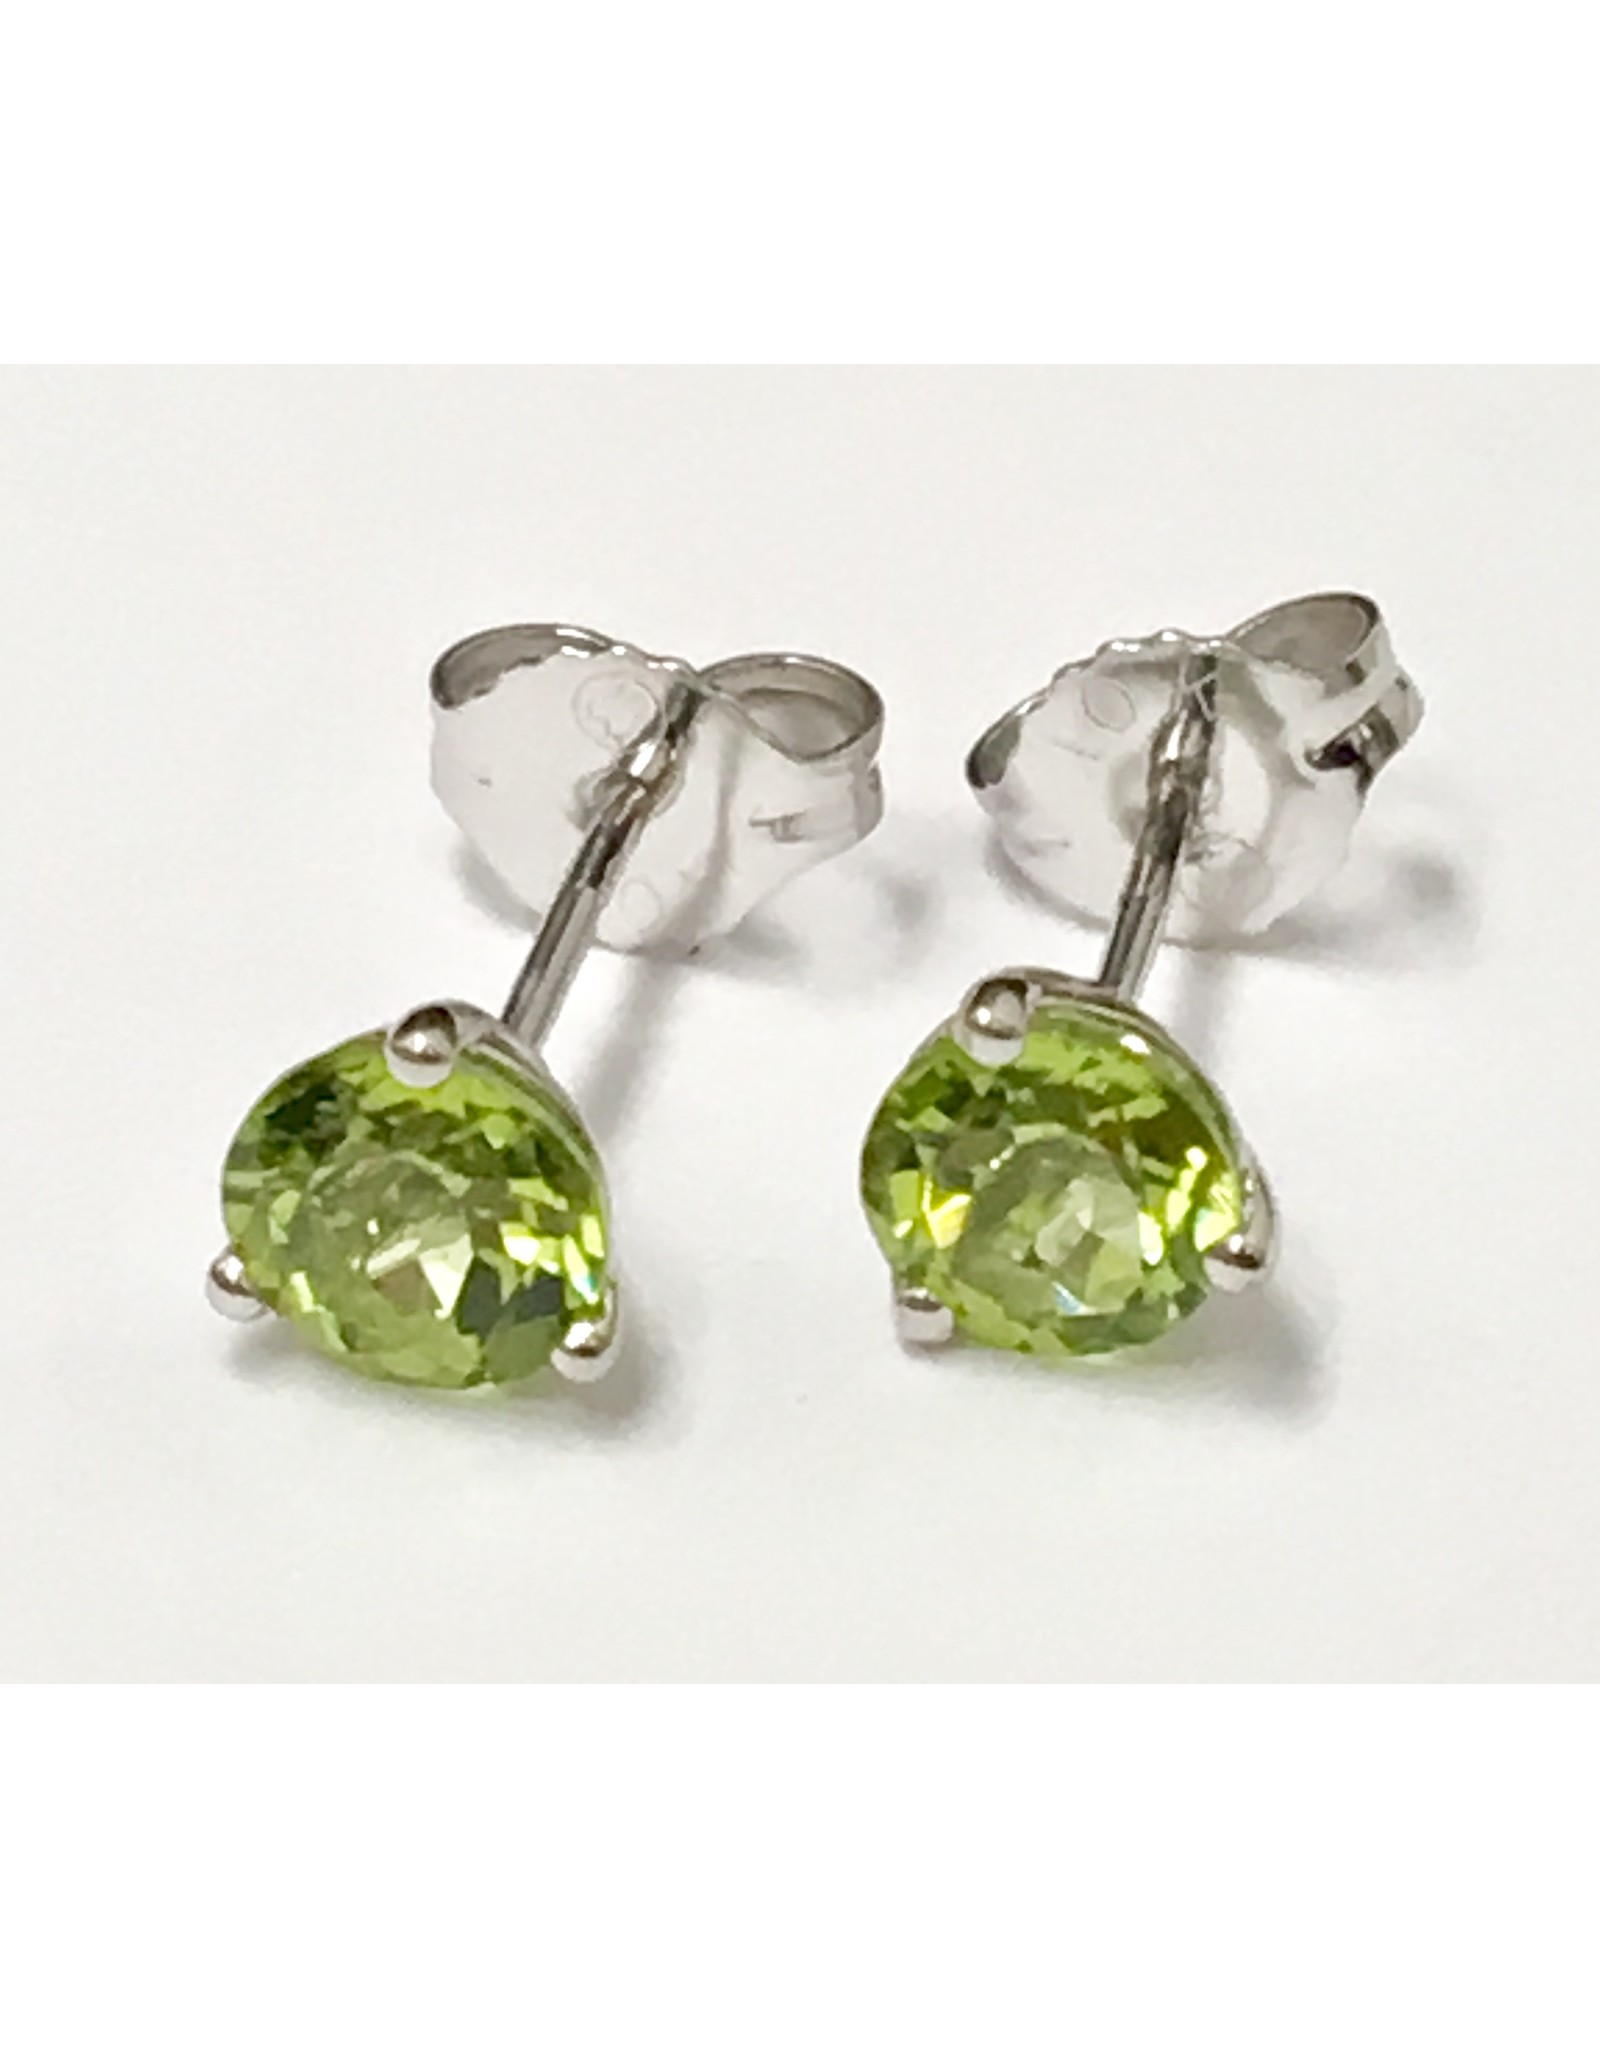 5mm Peridot Stud Earrings 10KW